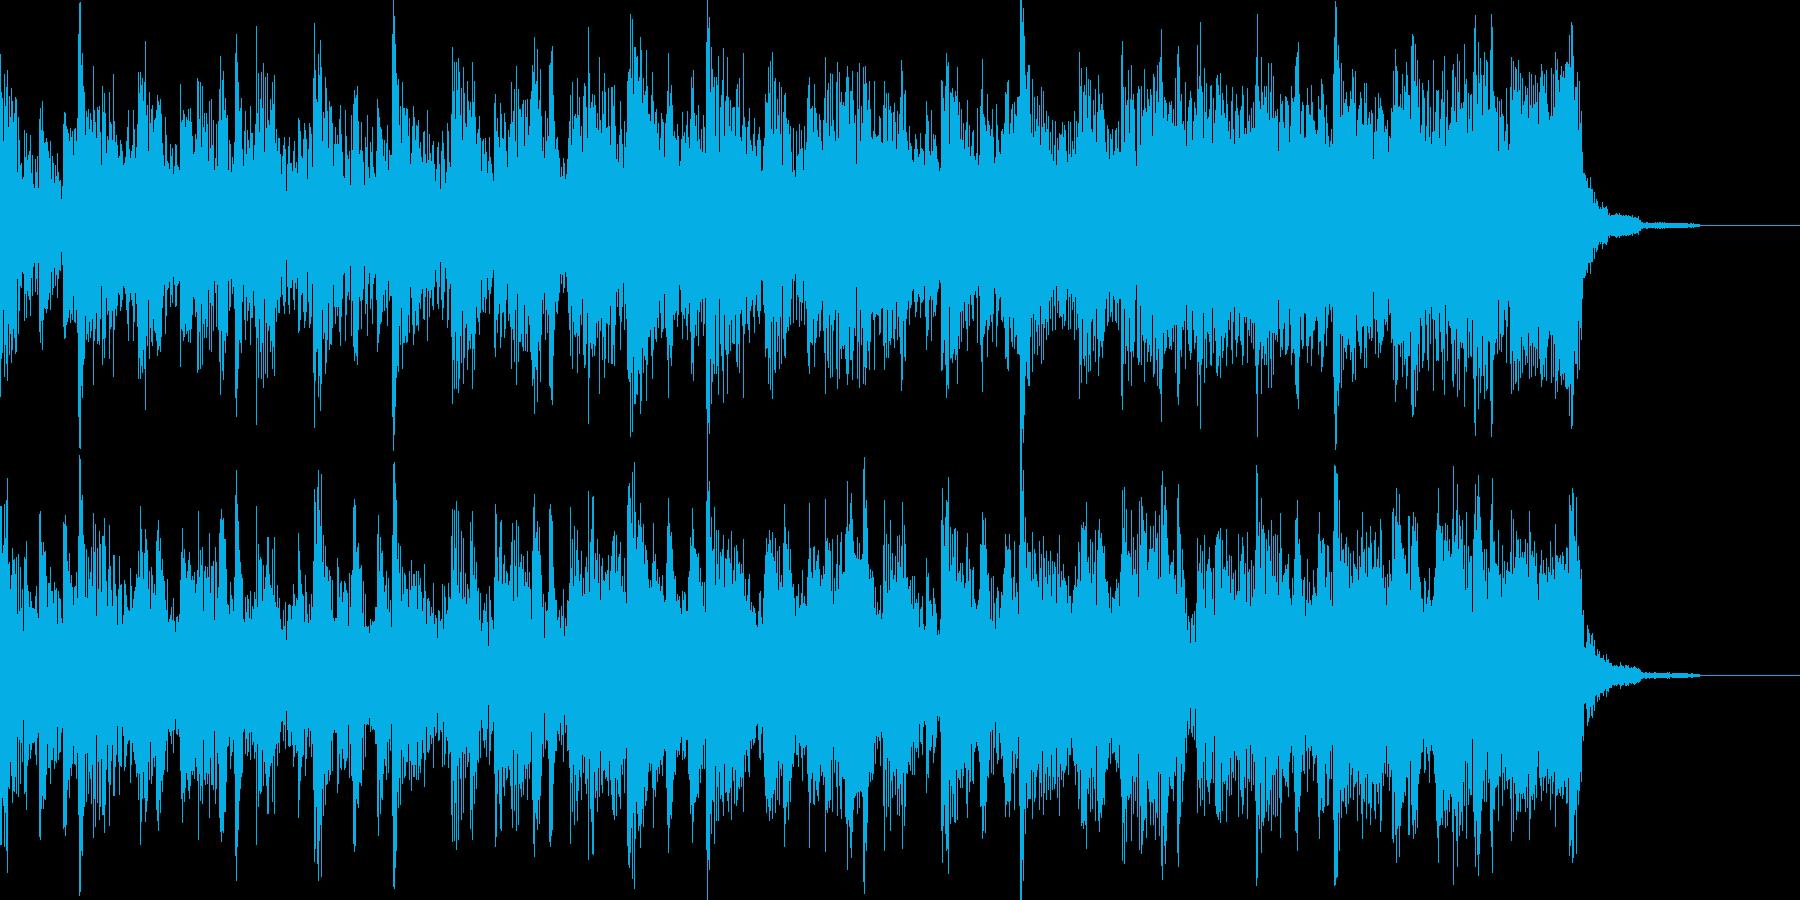 オープニングBGMの再生済みの波形